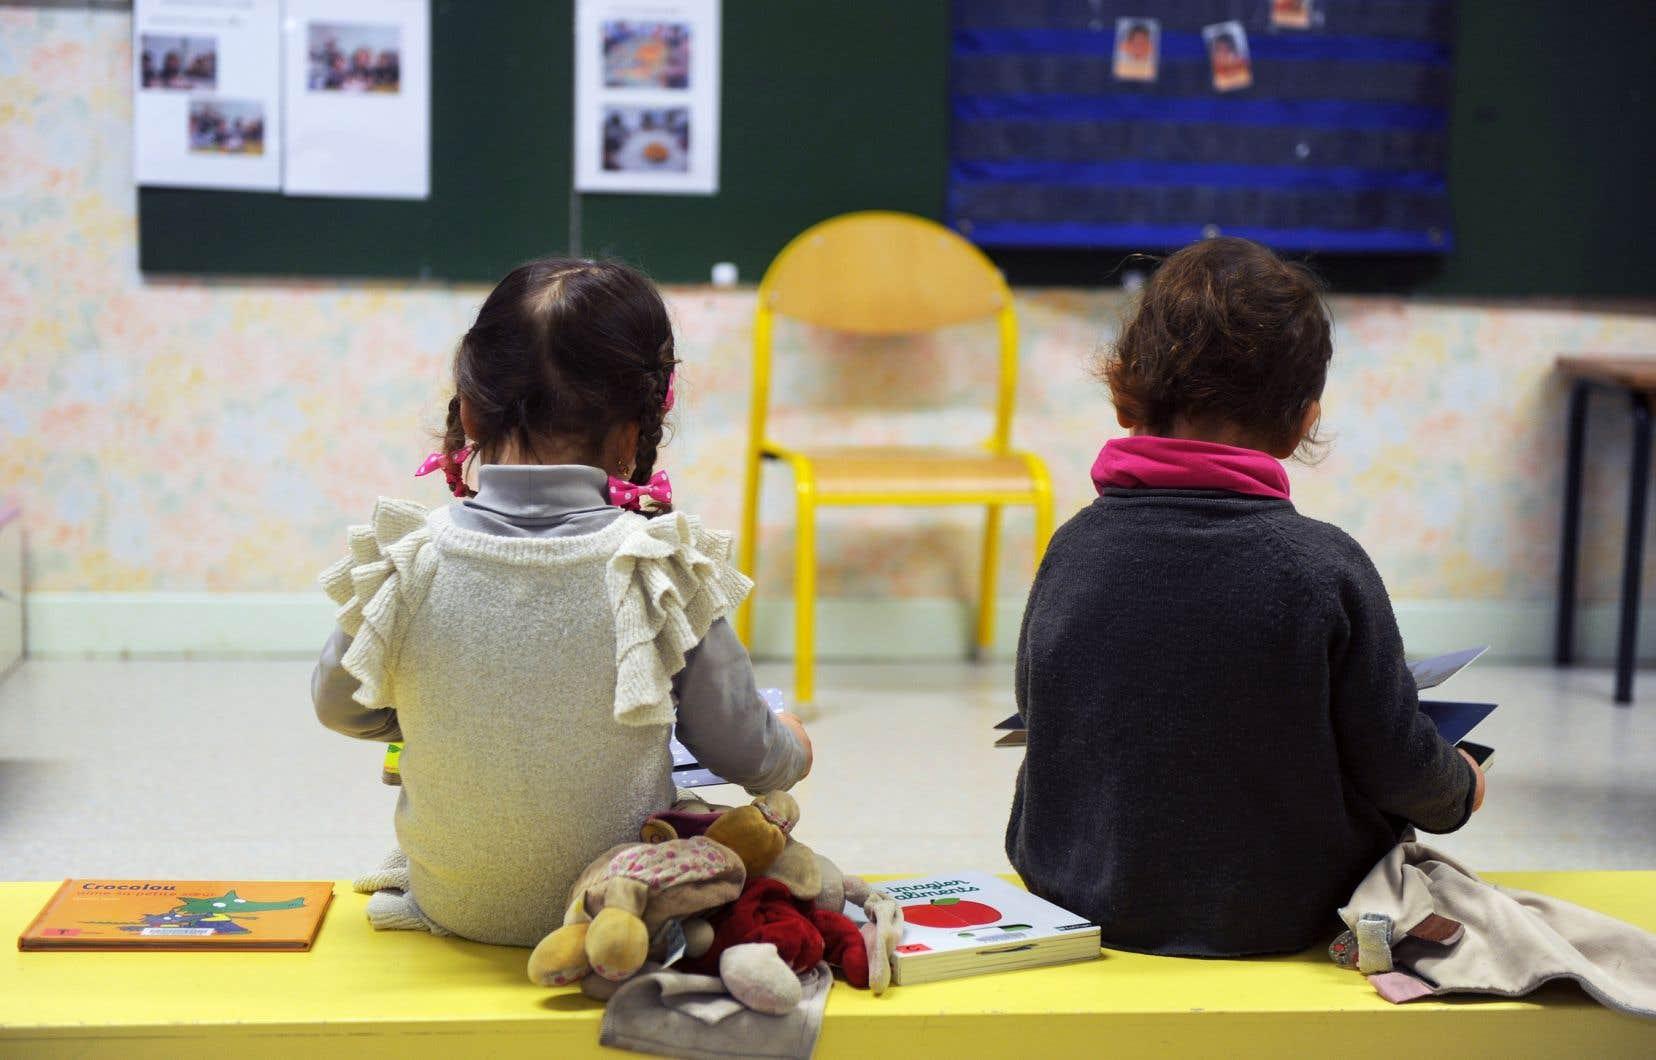 «Il est important de soutenir l'entrée dans l'écrit, la découverte et l'apprentissage des lettres à l'éducation préscolaire, et ce, au moyen d'approches adéquates et respectueuses des caractéristiques du jeune enfant (...)», affirment les signataires.